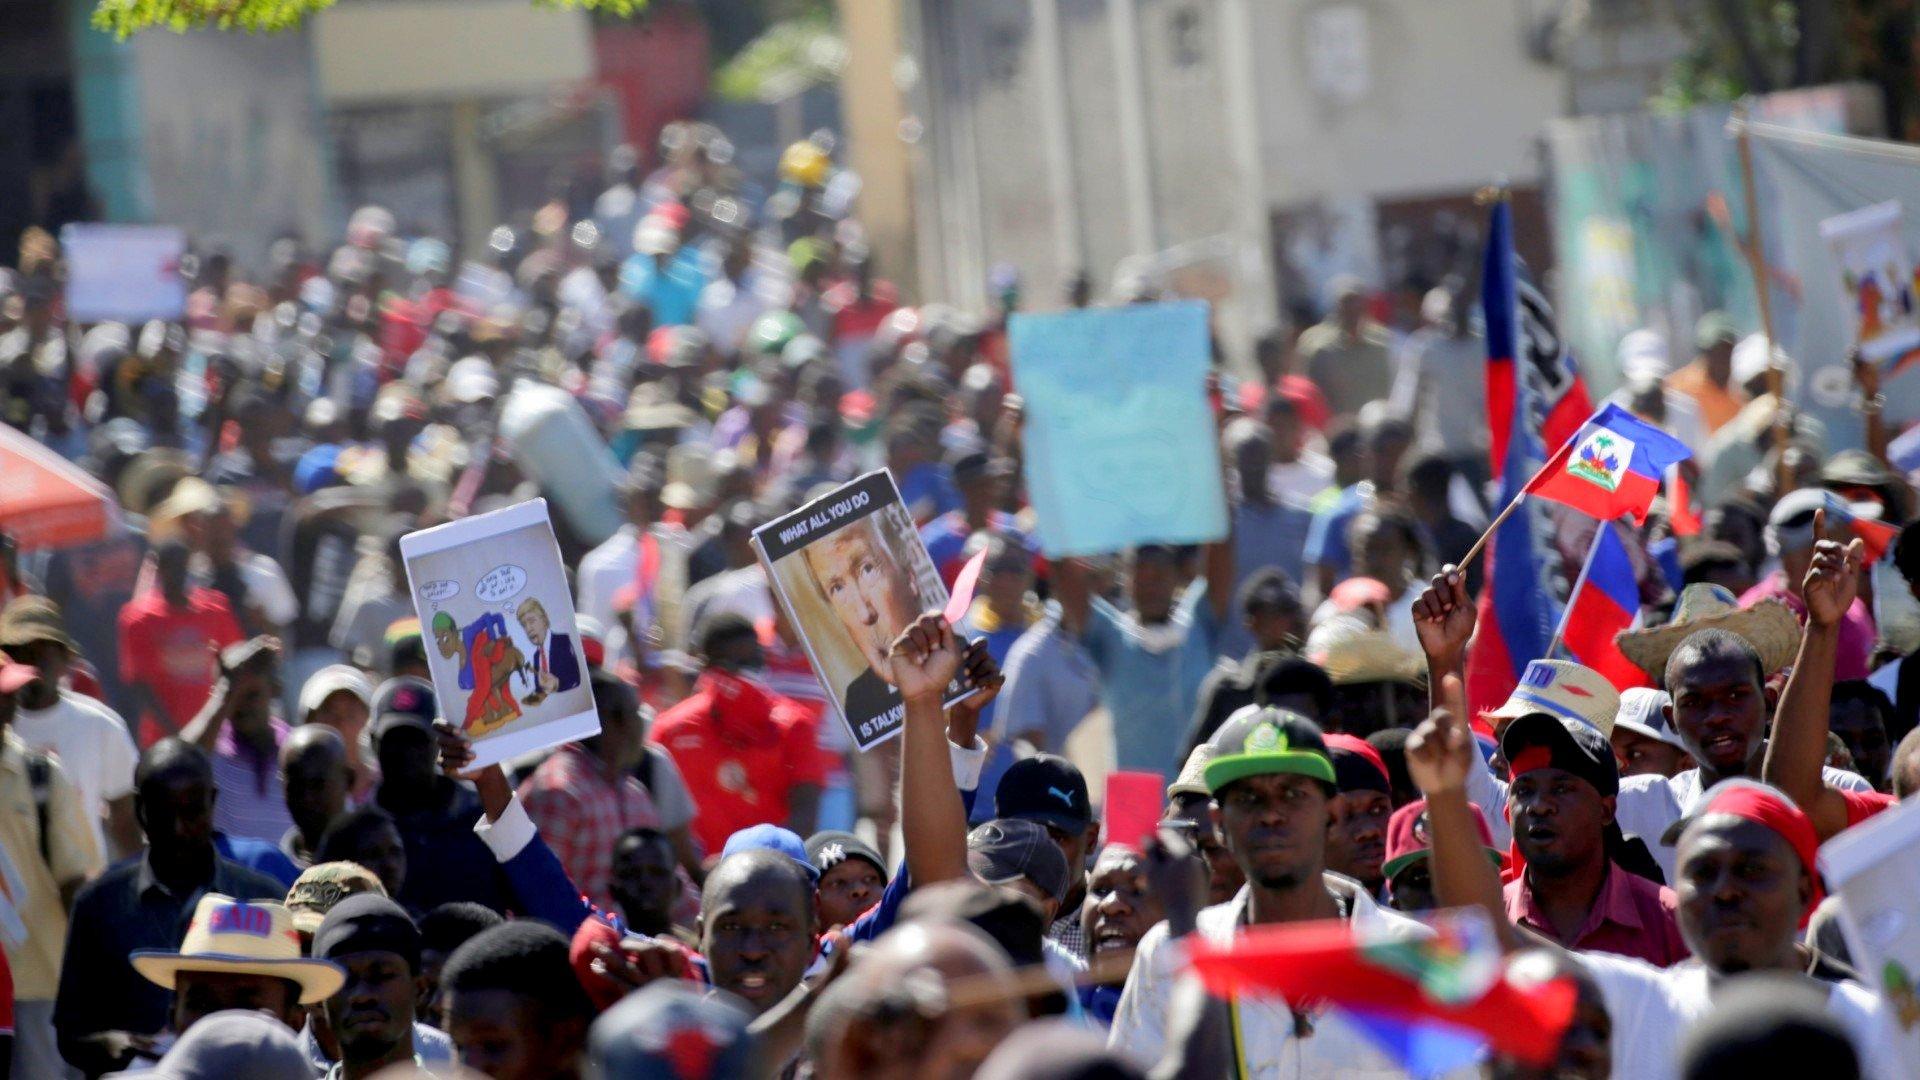 Como Es Vivir En Haiti qué ha pasado y pasa en haití? sobre colonialismo, golpes de